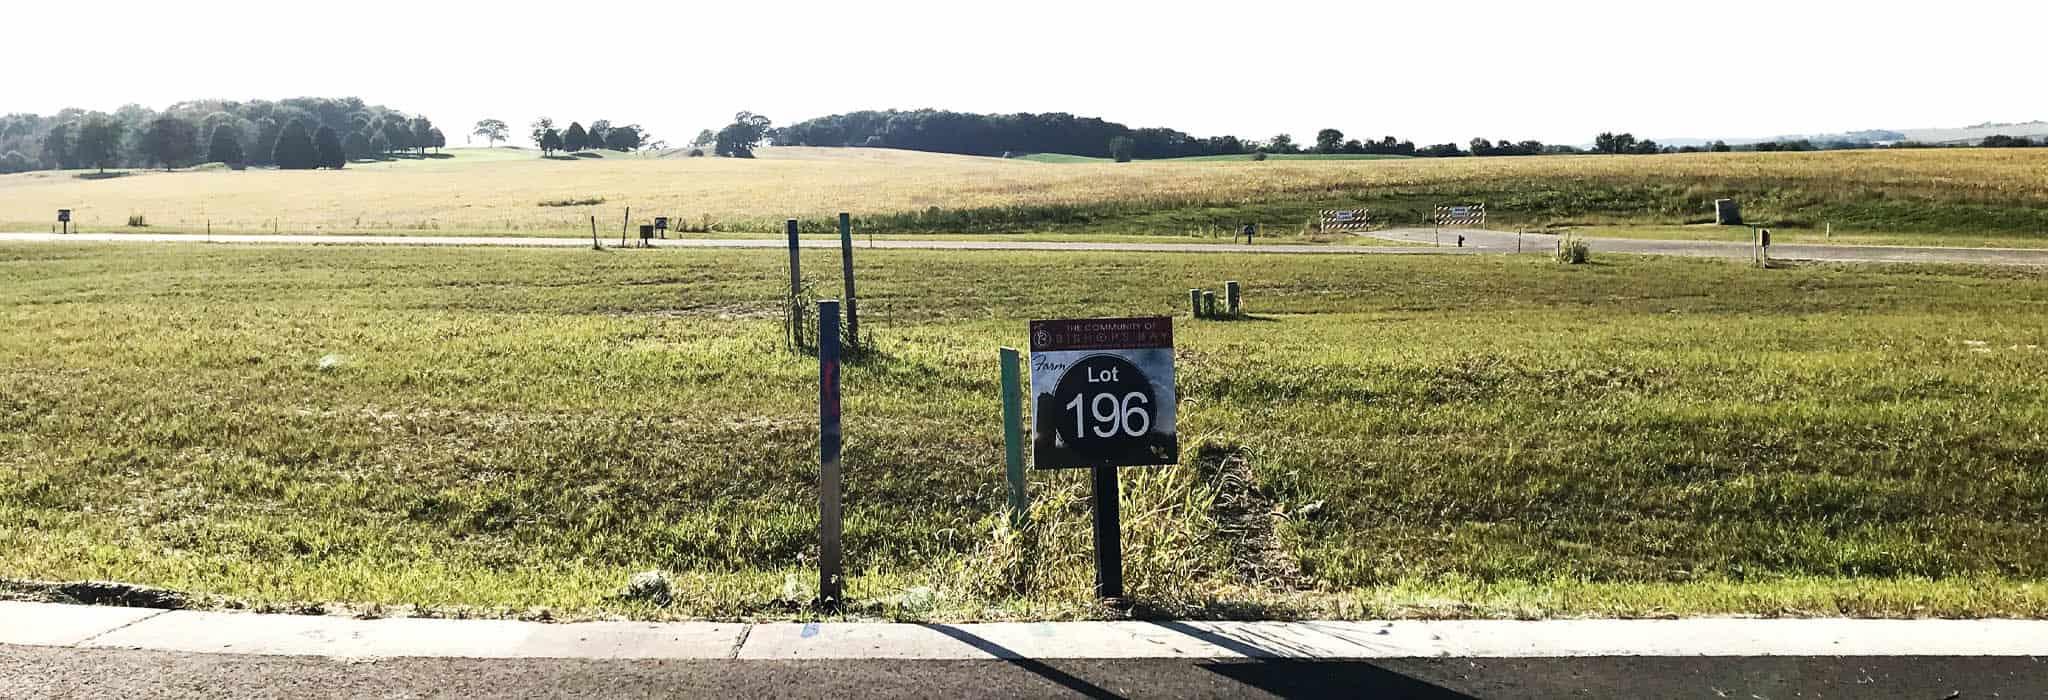 Farm Lot 196